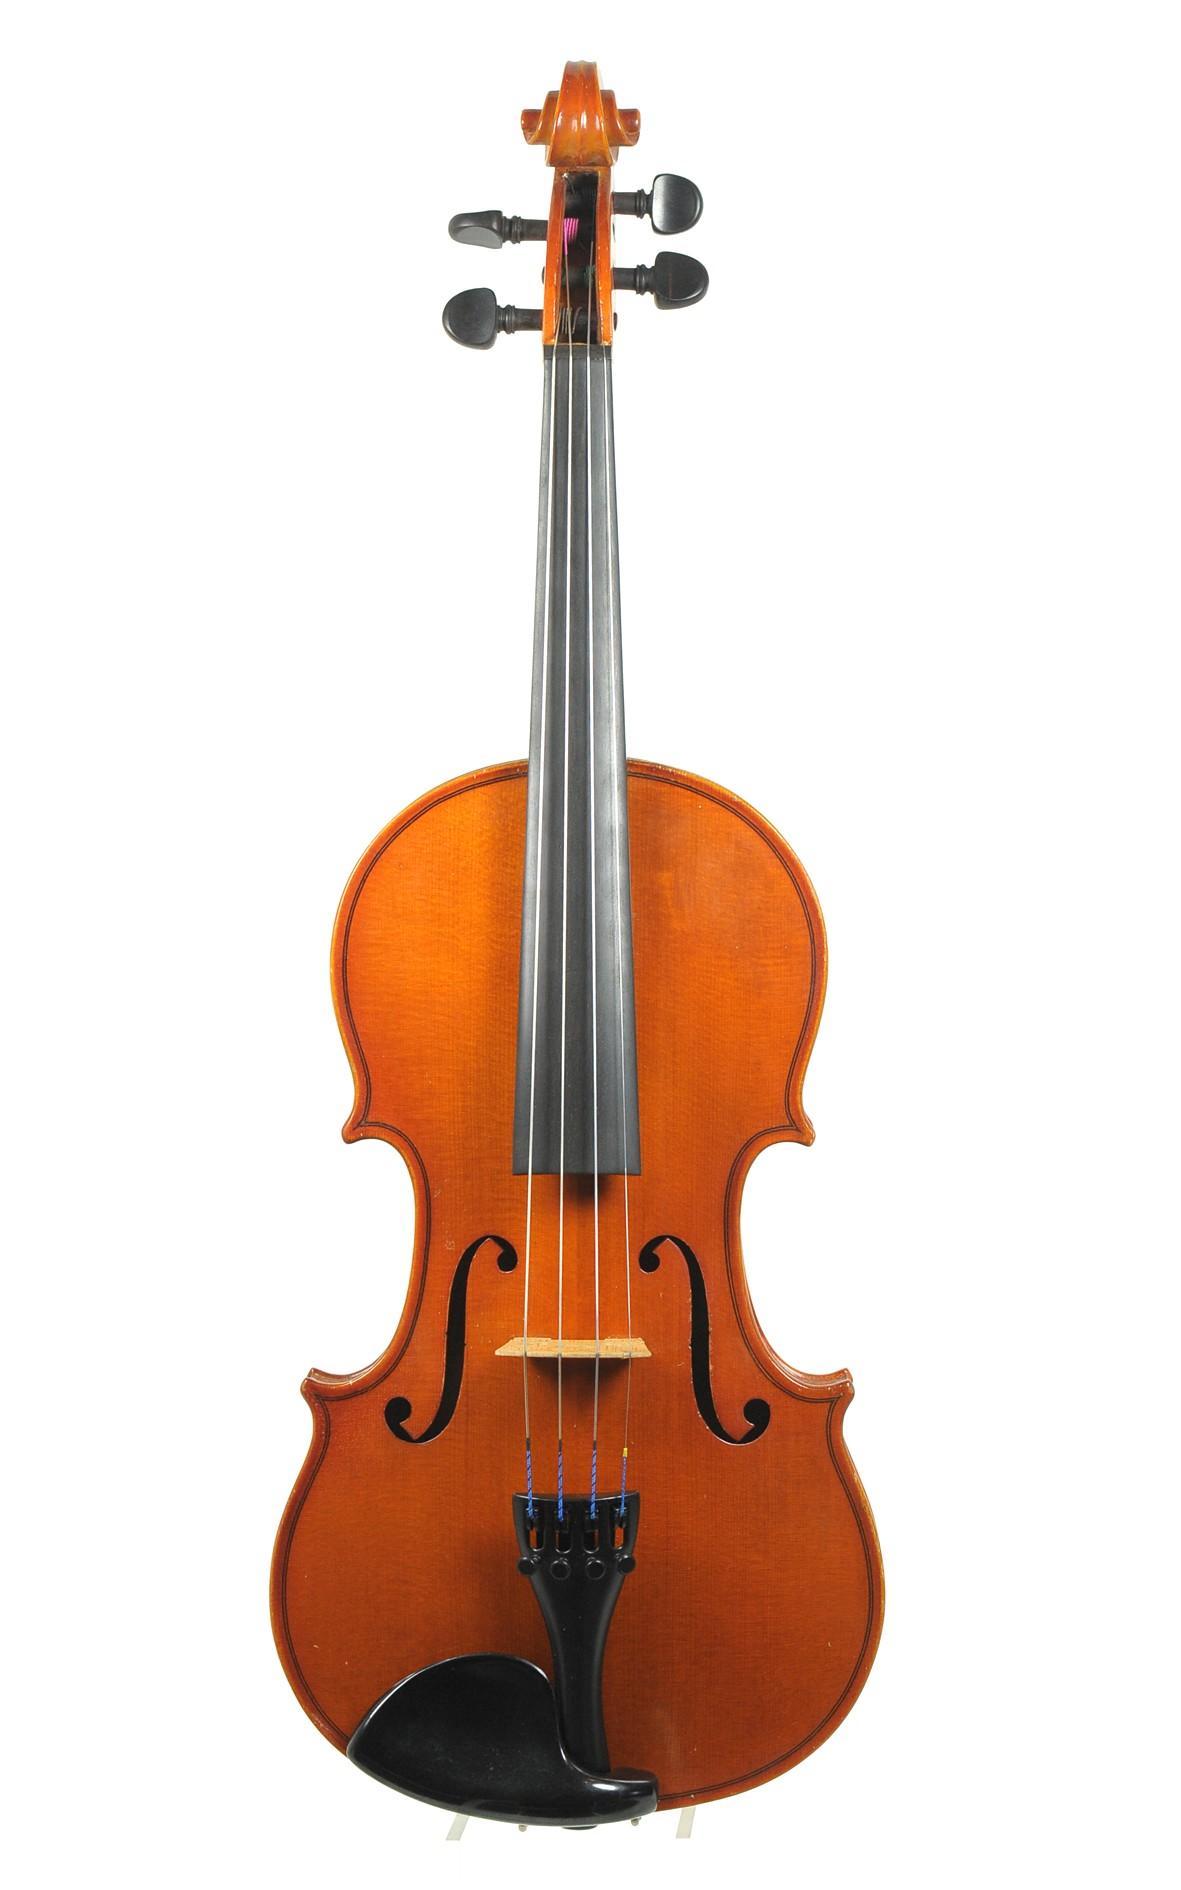 German violin, Bubenreuth approx. 1970 - top